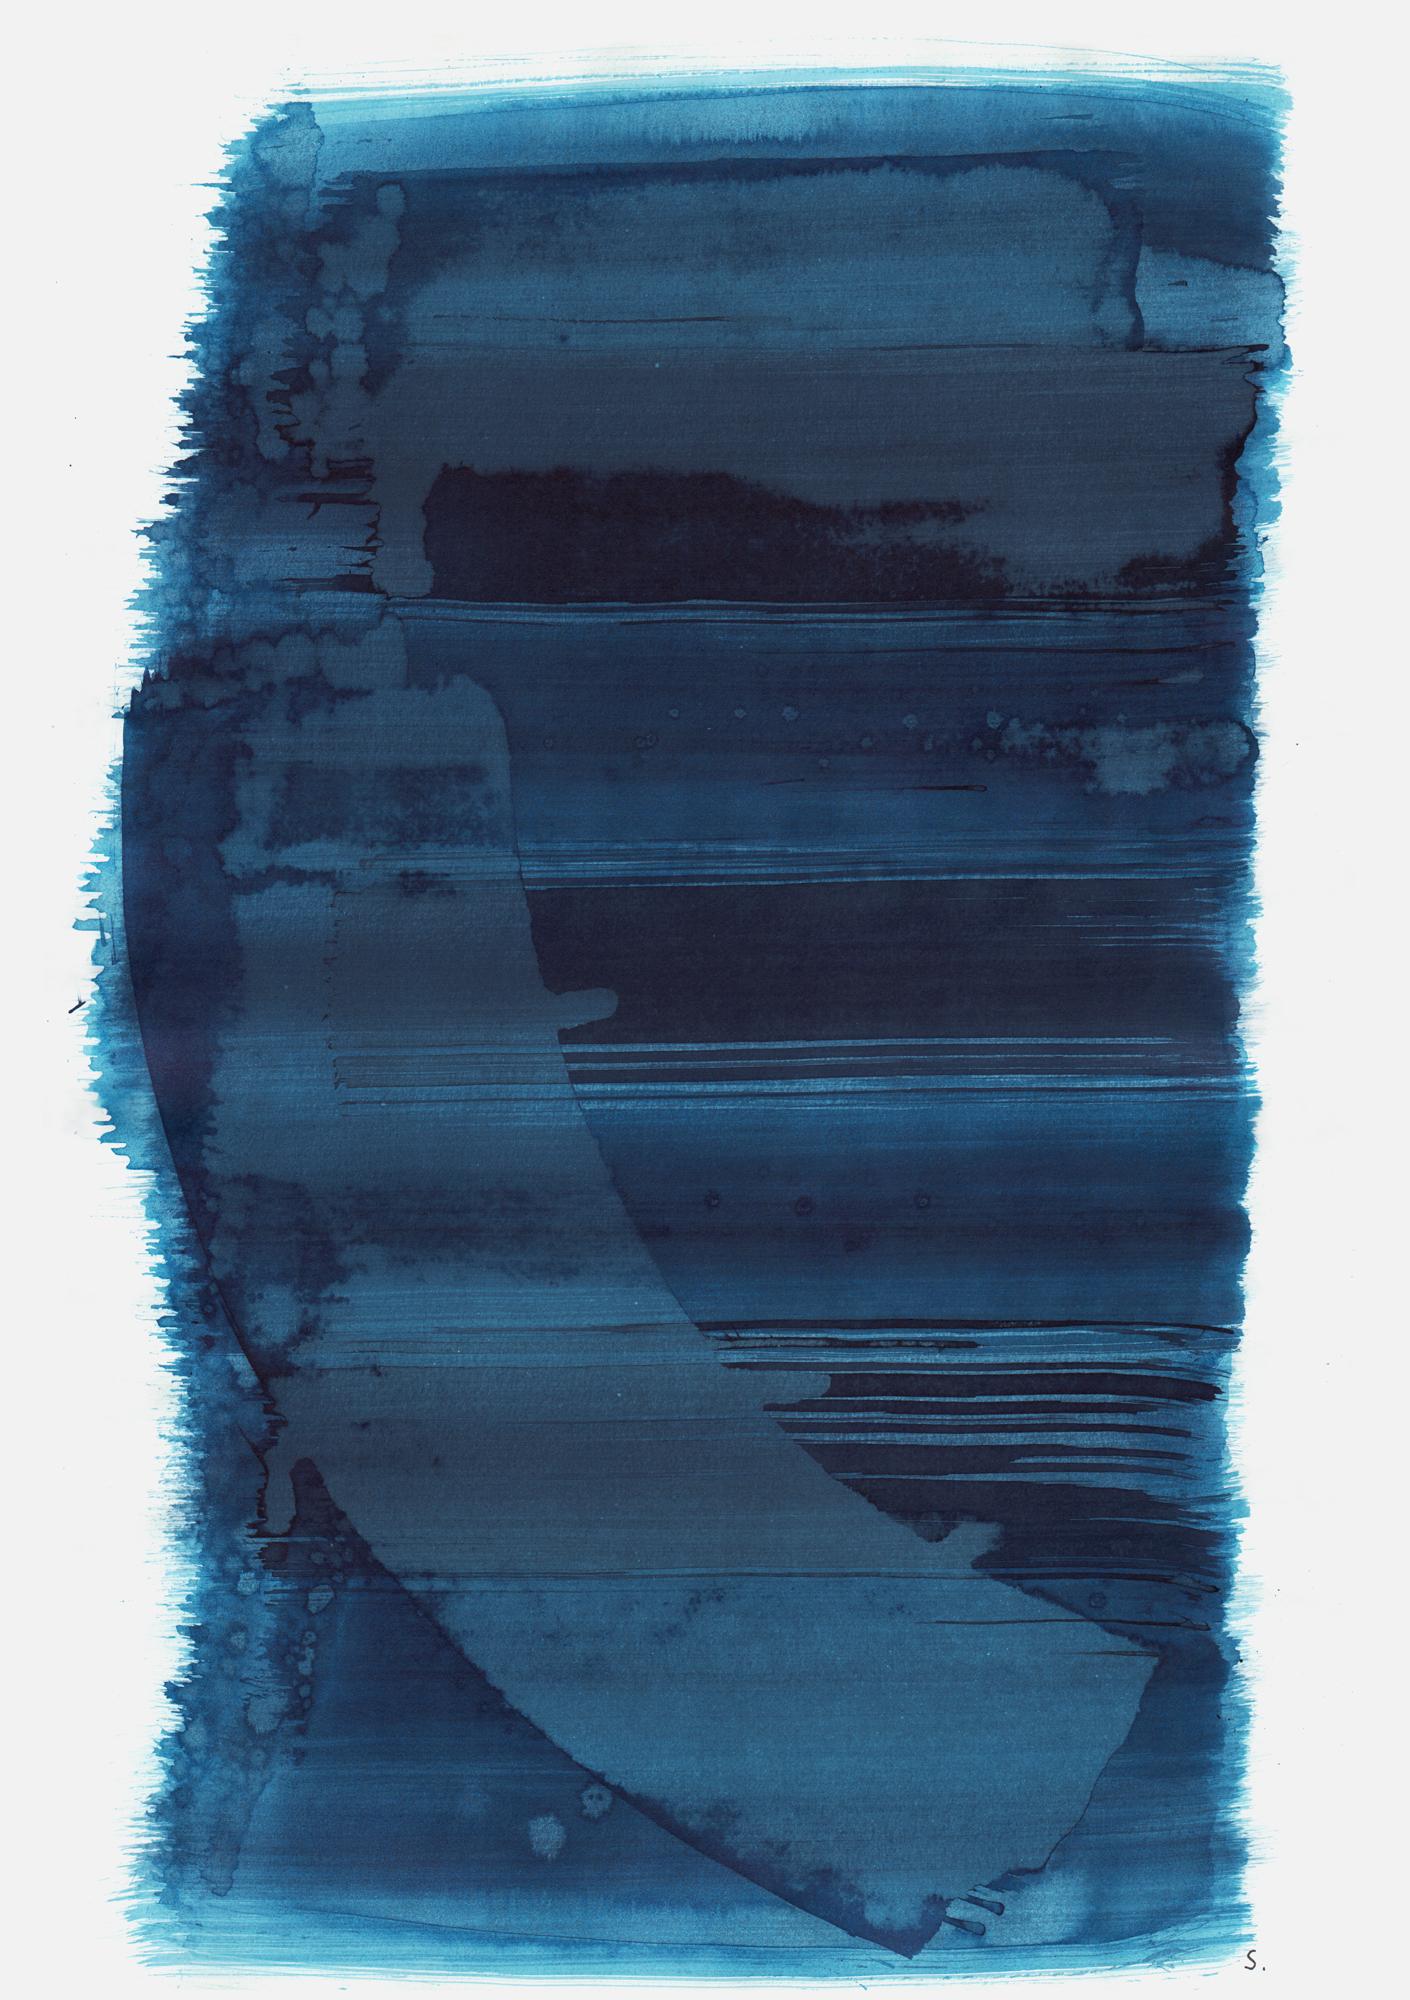 """""""An Kurt Citroen"""", 2019, Tusche auf Papier, 48 x 36cm; ©: Konstanze Sailer [Citroen, Kurt; * 03.02.1927 in Berlin; deportiert aus Westerbork (NL); † 13.07.1944 in Auschwitz]"""